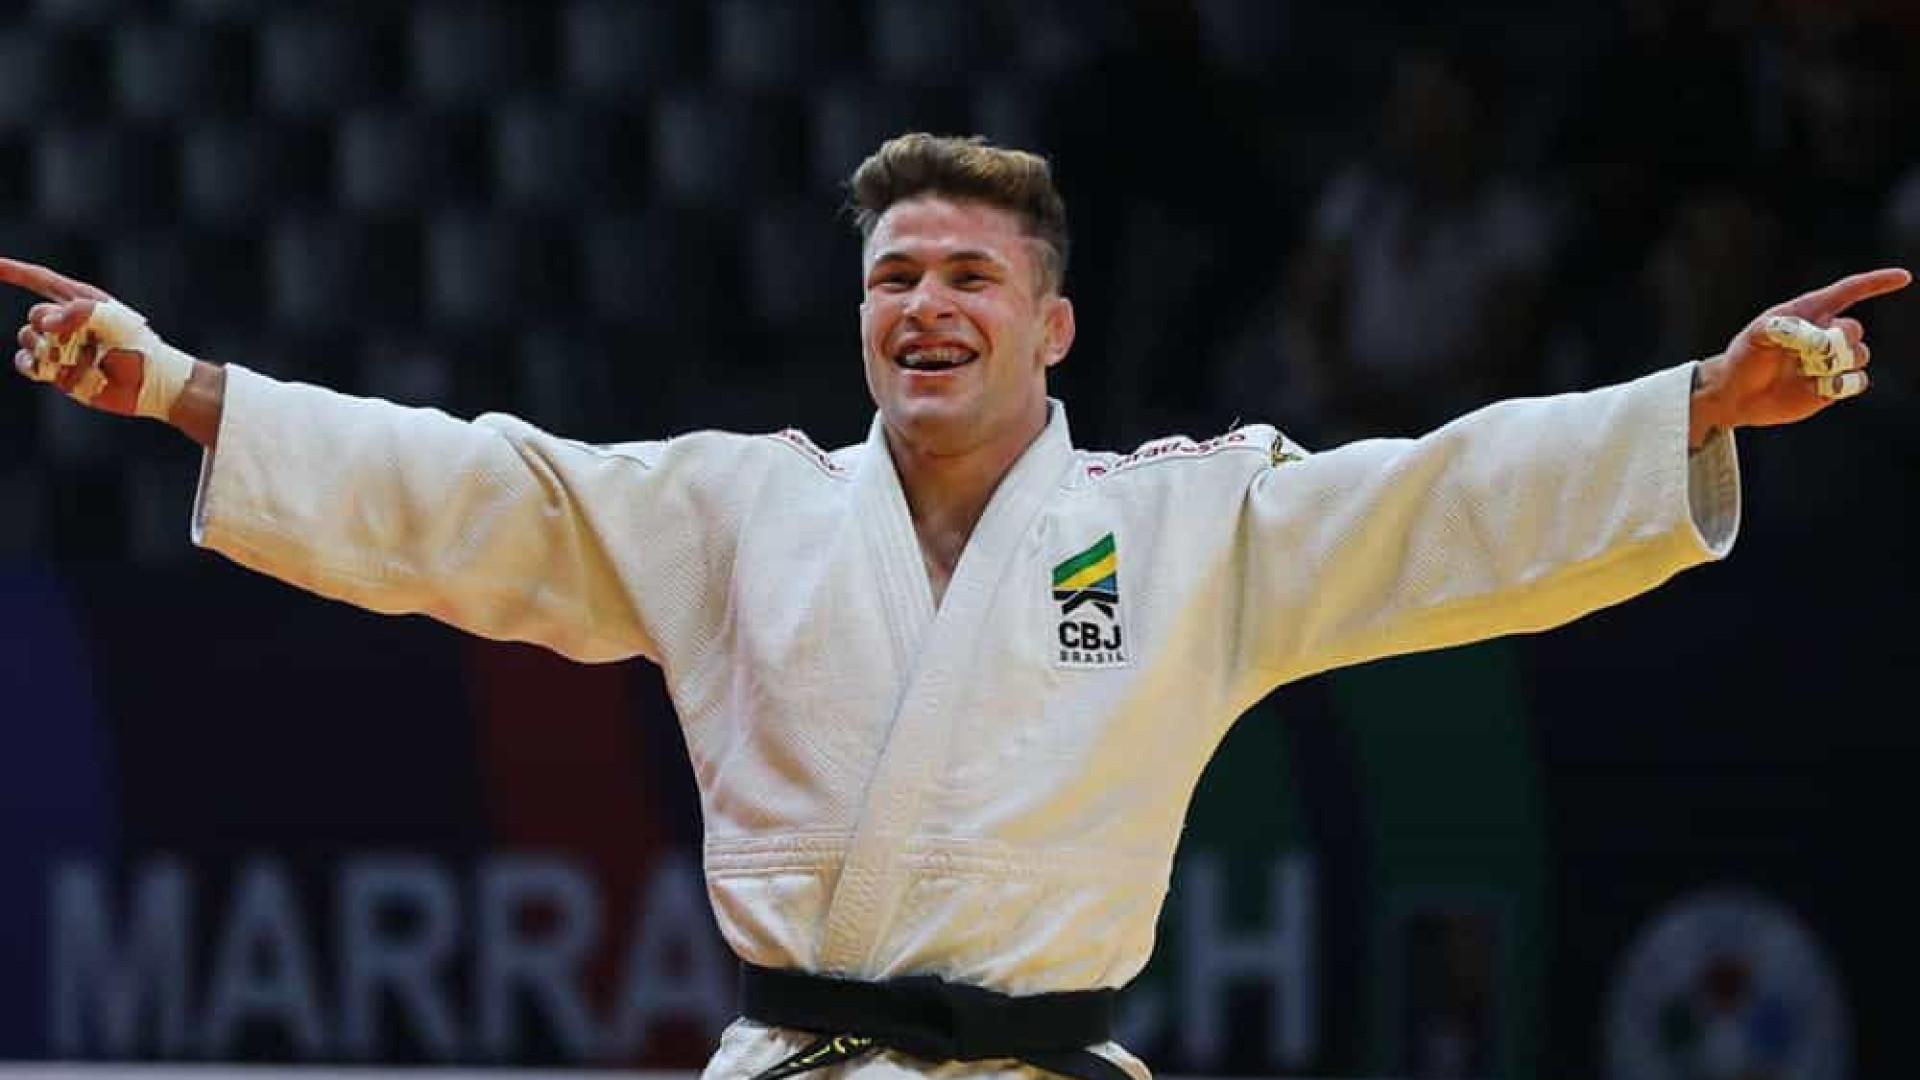 Brasil estreia com medalha no Grand Slam de Judô de Budapeste